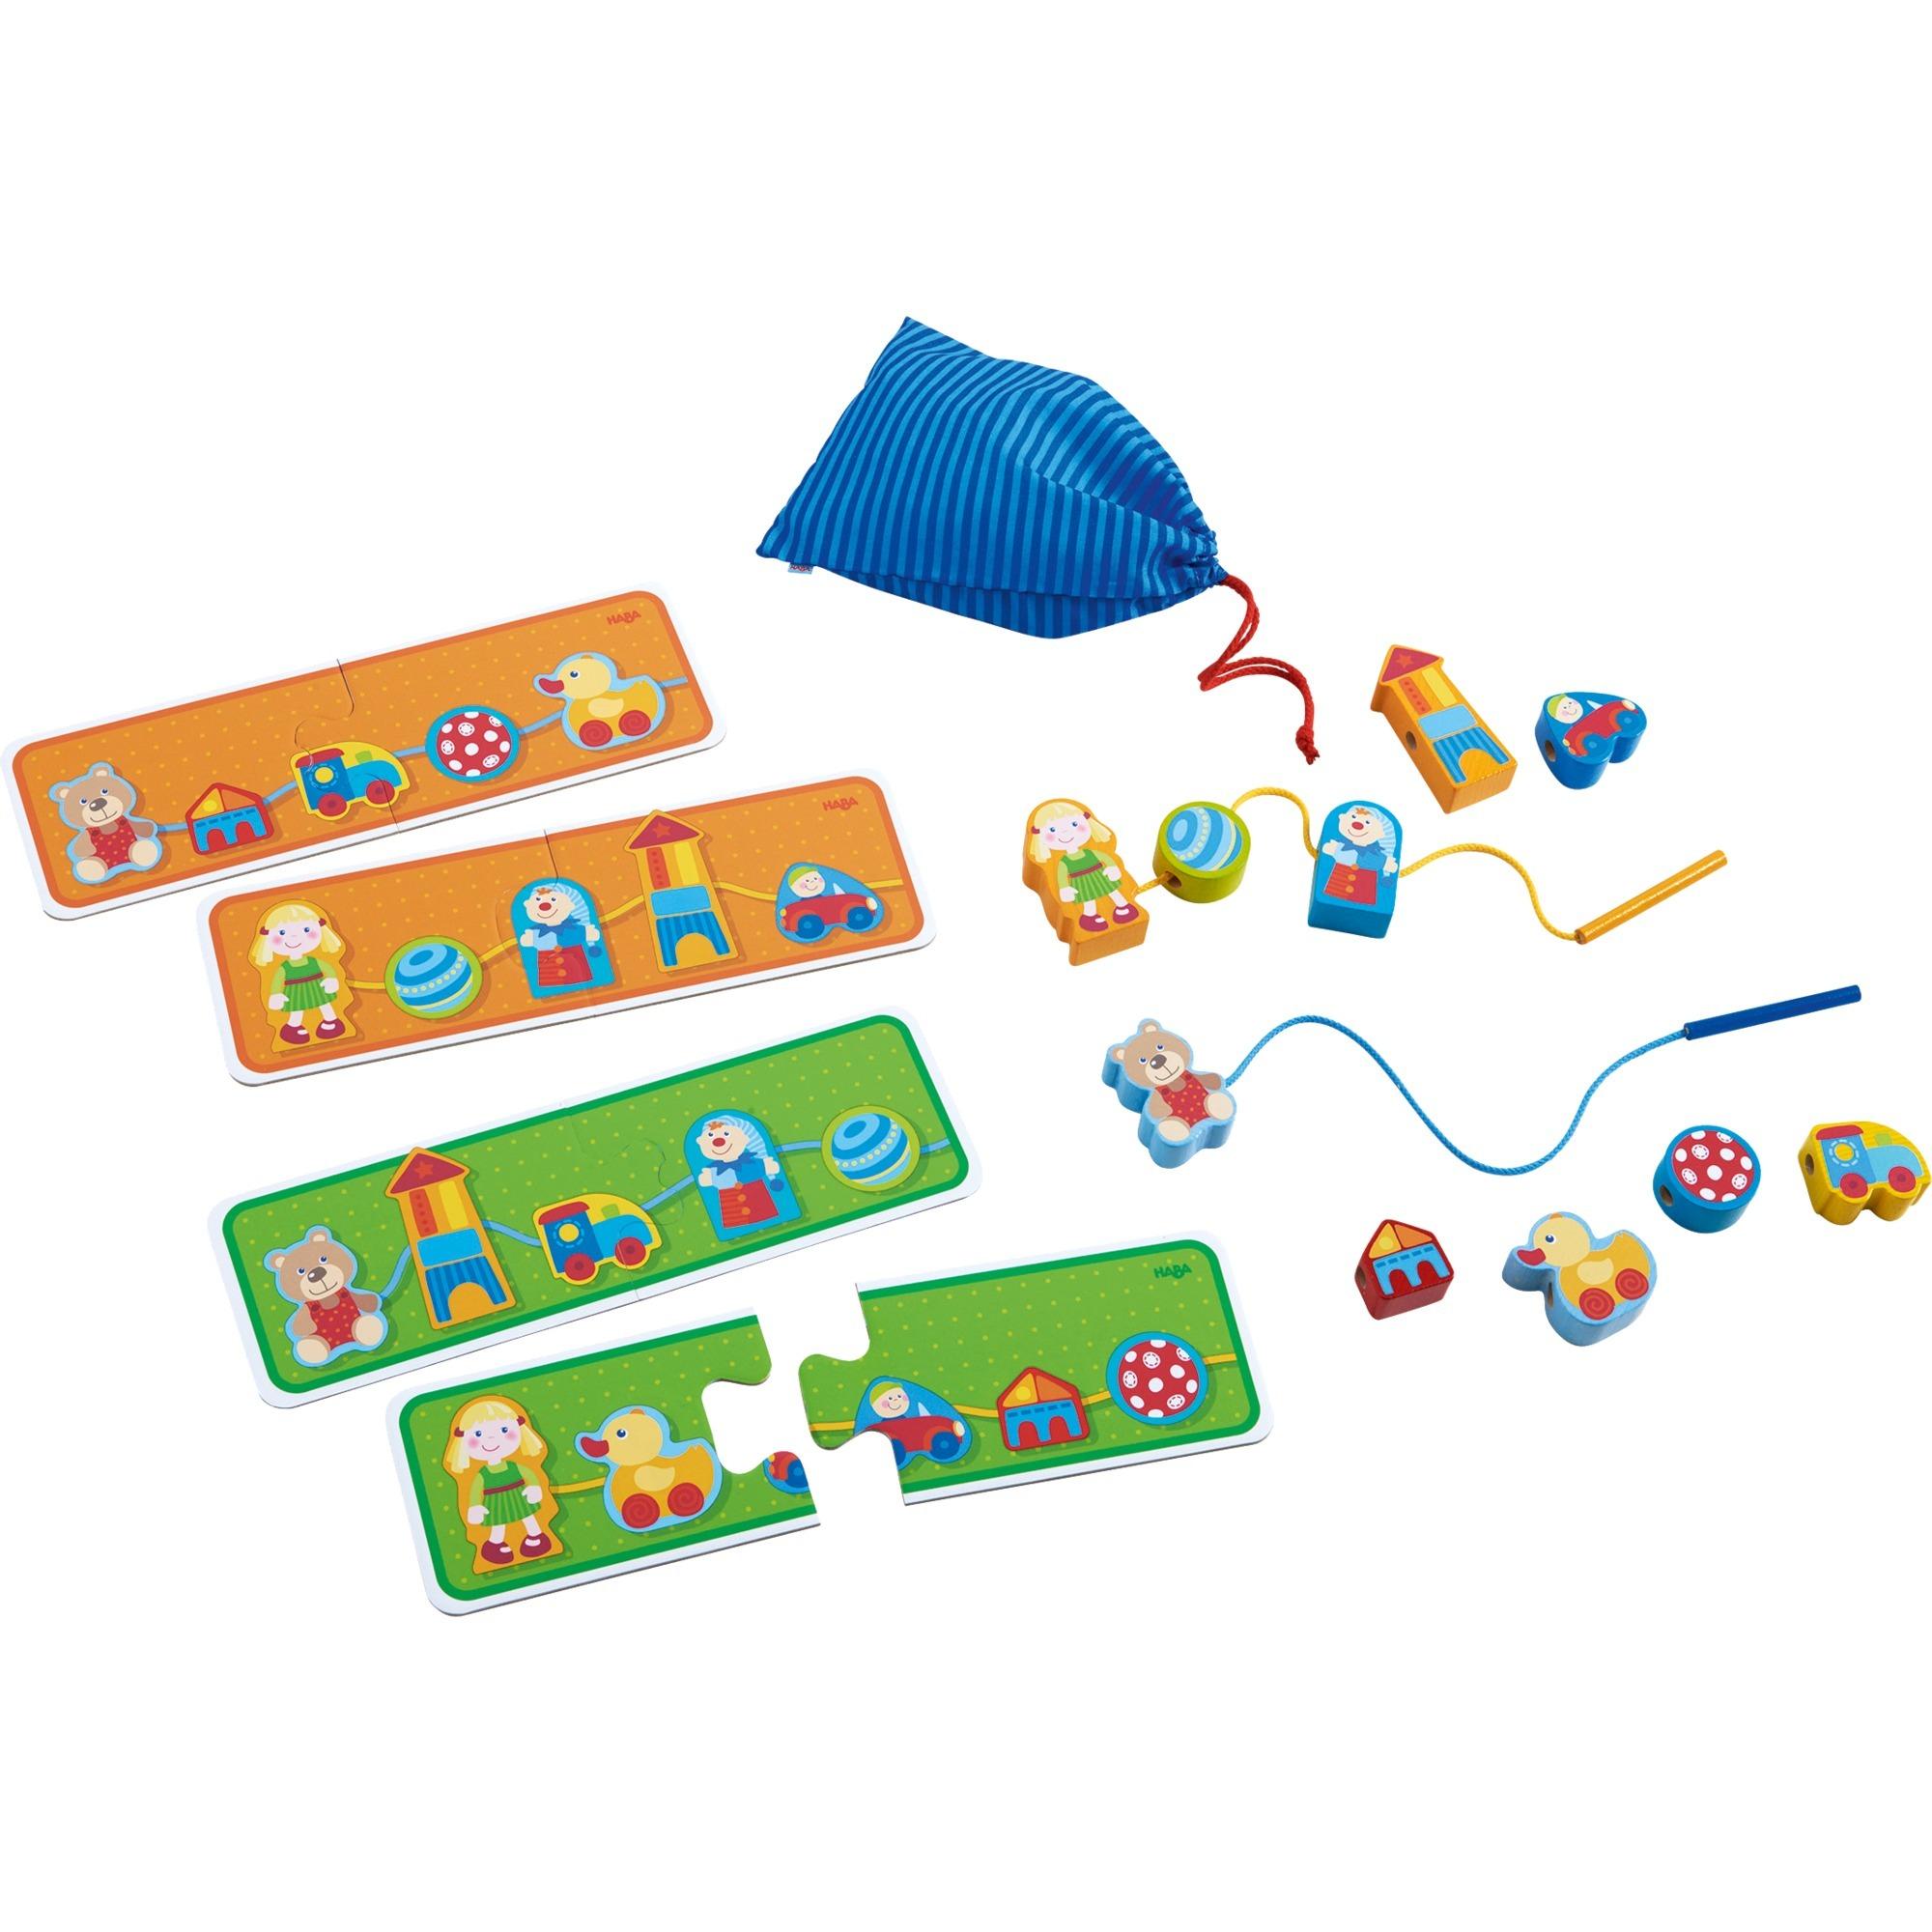 302154 Kit de ensartar herramienta de roscado, Juego de destreza